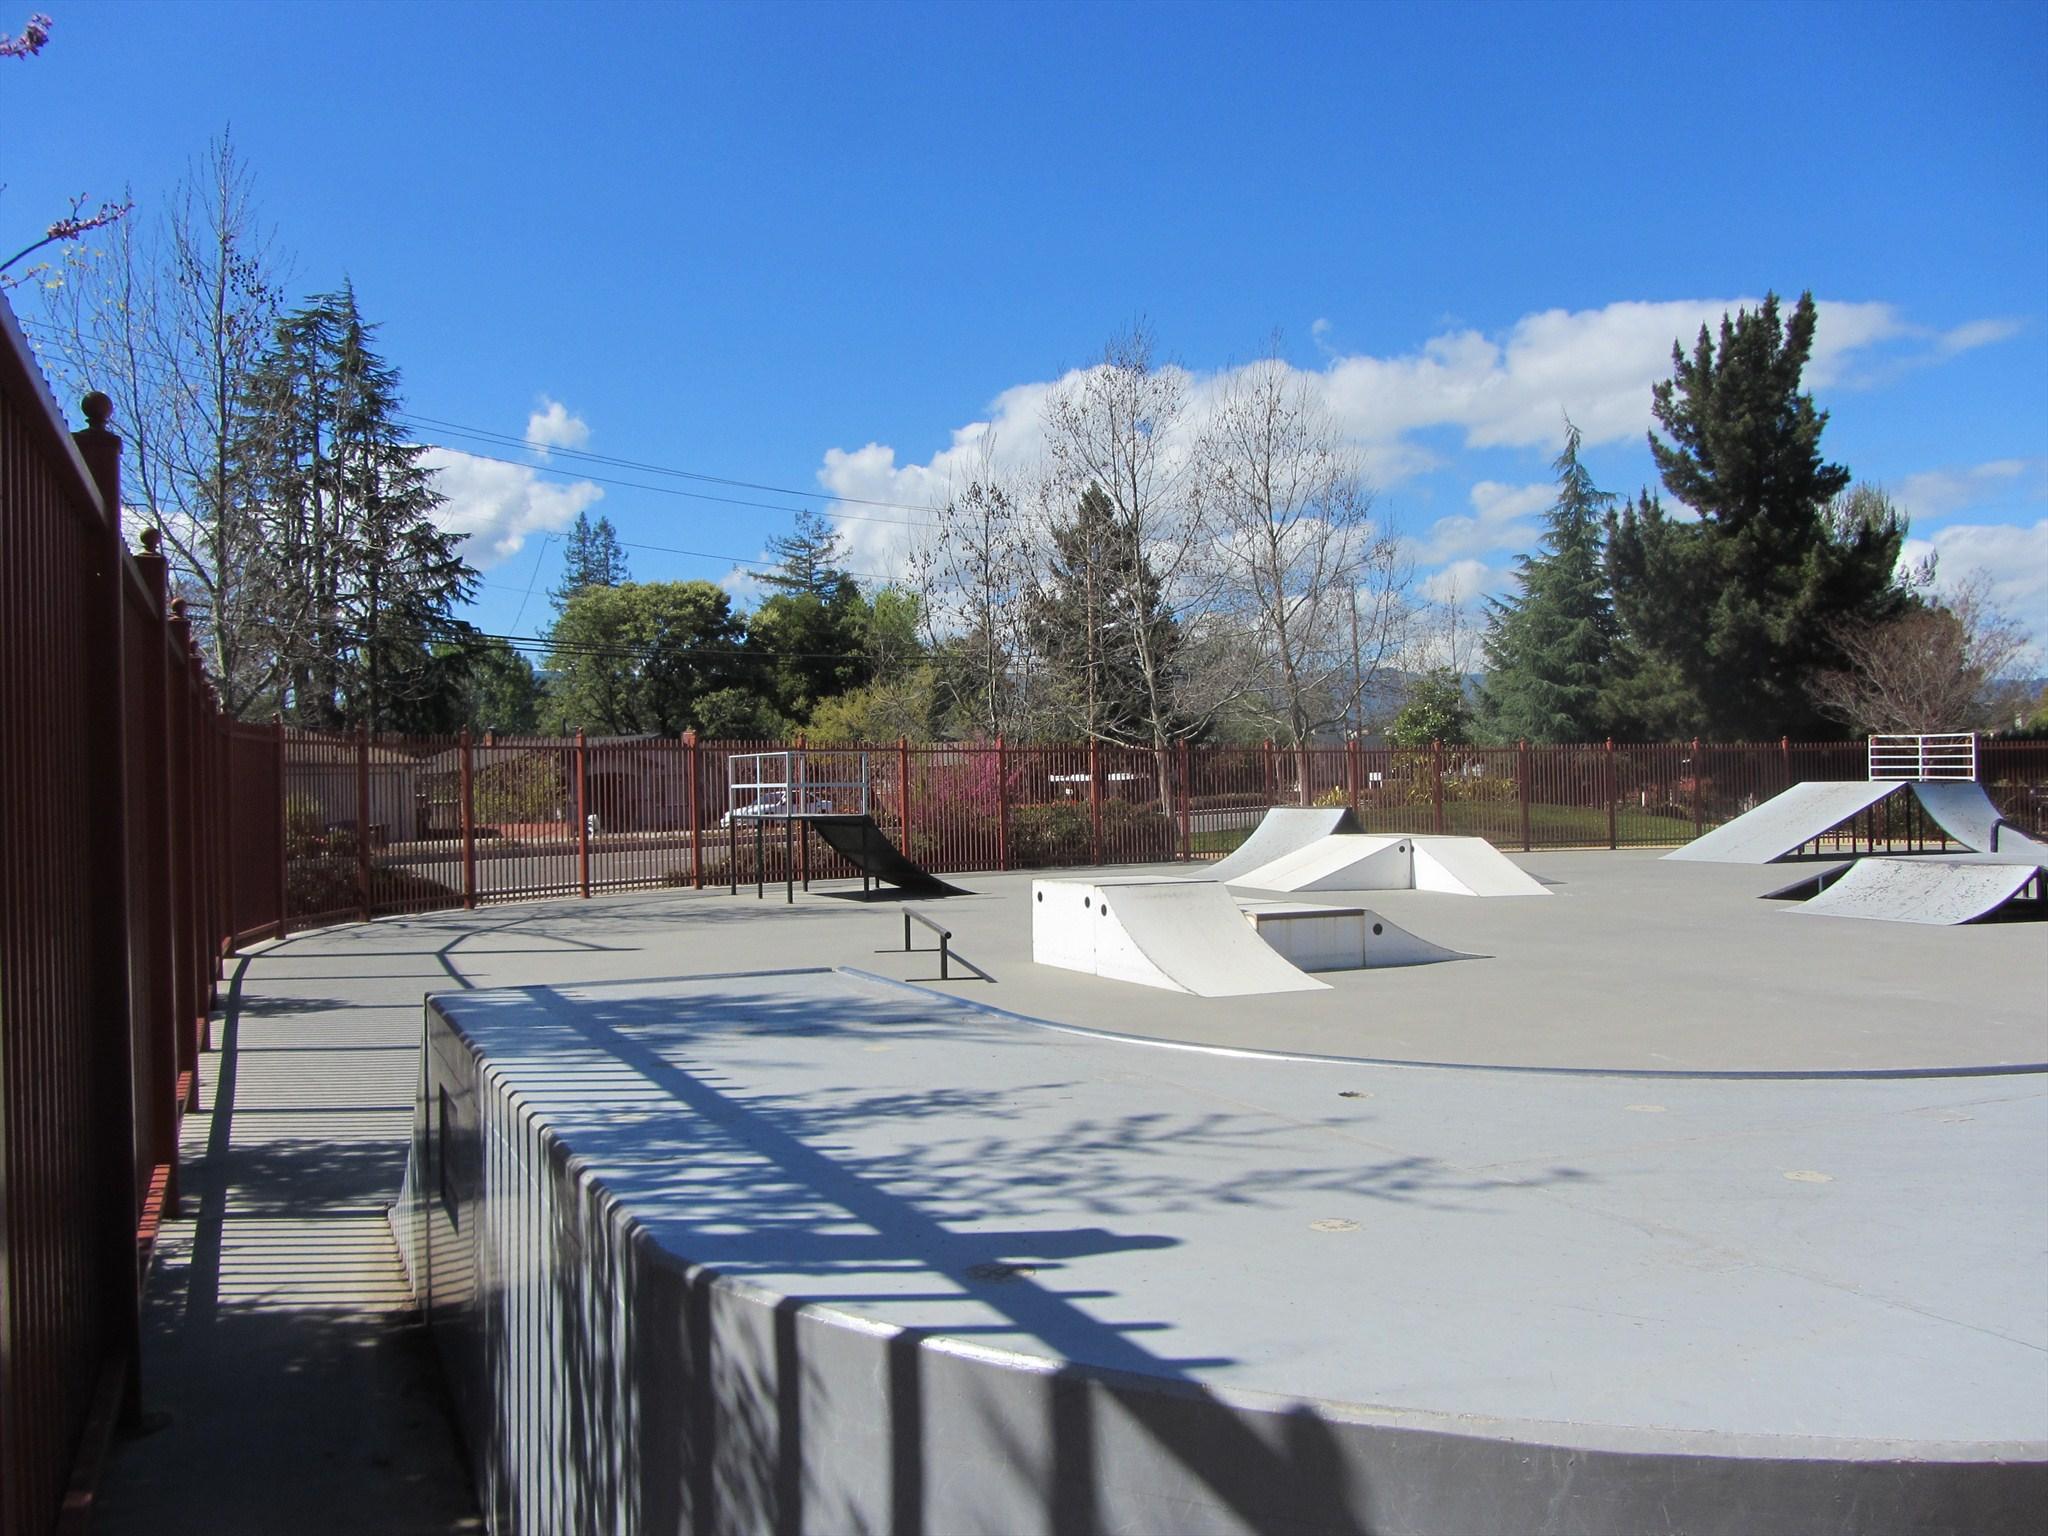 campbell skatepark, campbell, california